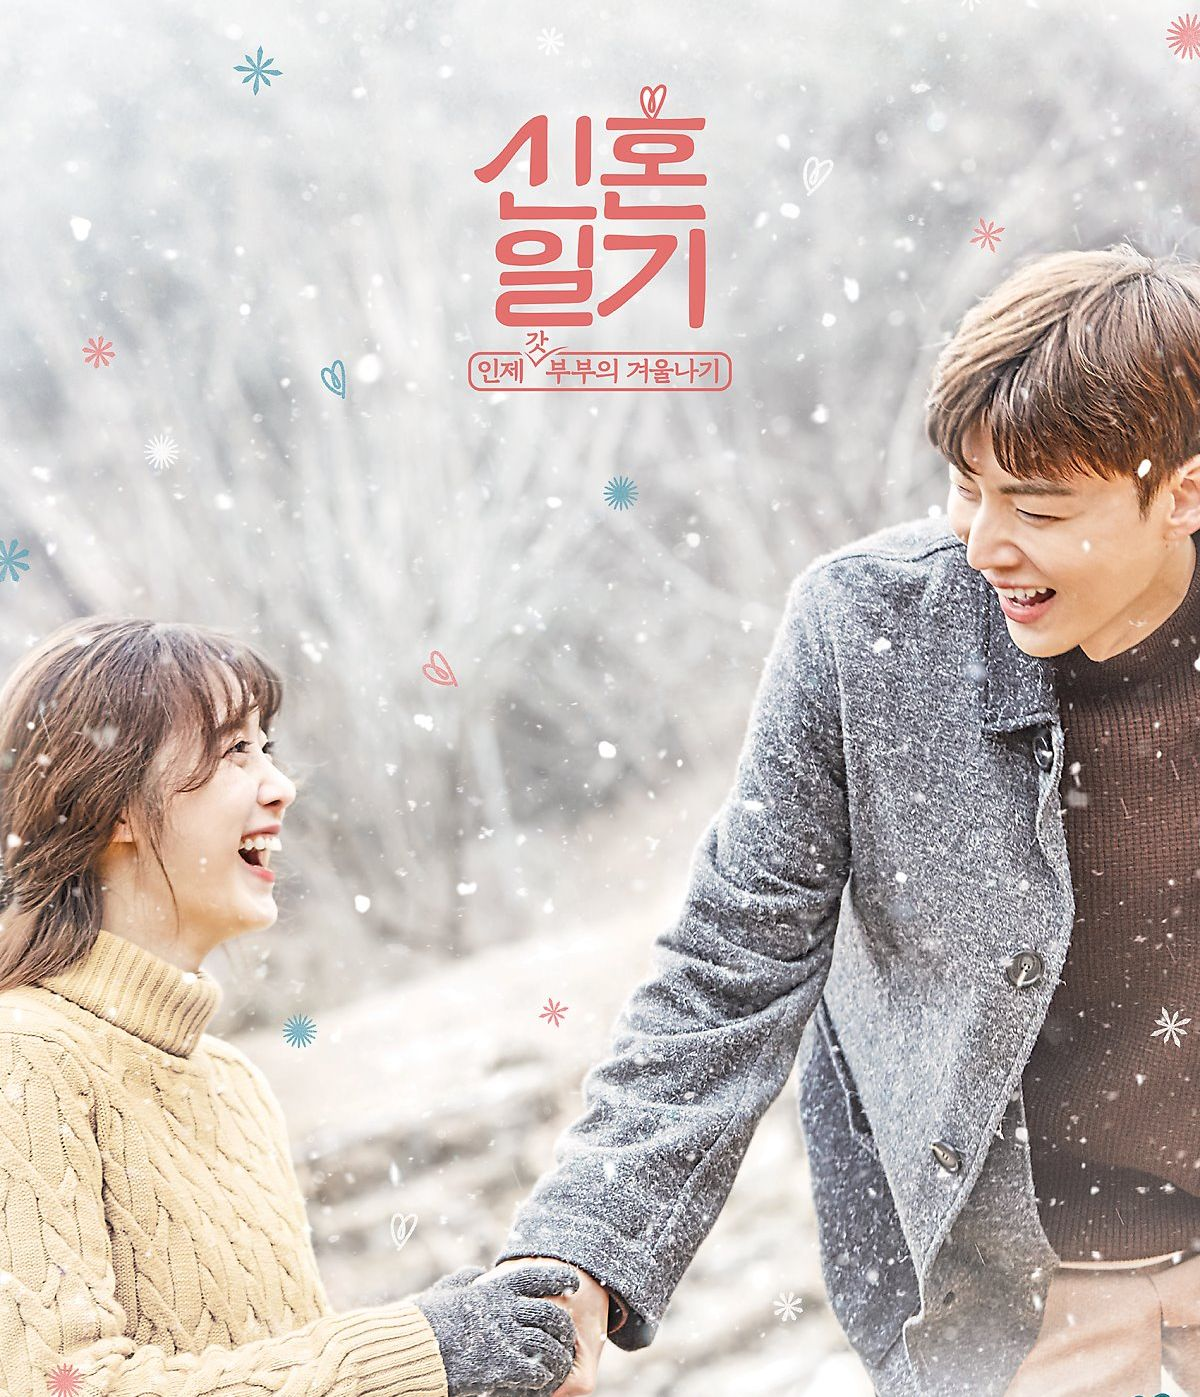 34歲的具惠善與32歲的安宰賢因拍攝韓劇《BLOOD》而結緣。